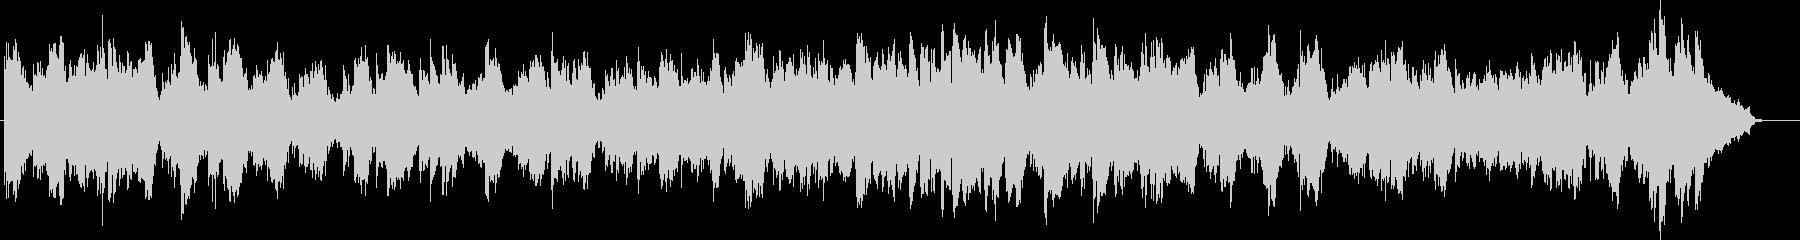 ショパンの練習曲12-1/激しく明るいの未再生の波形